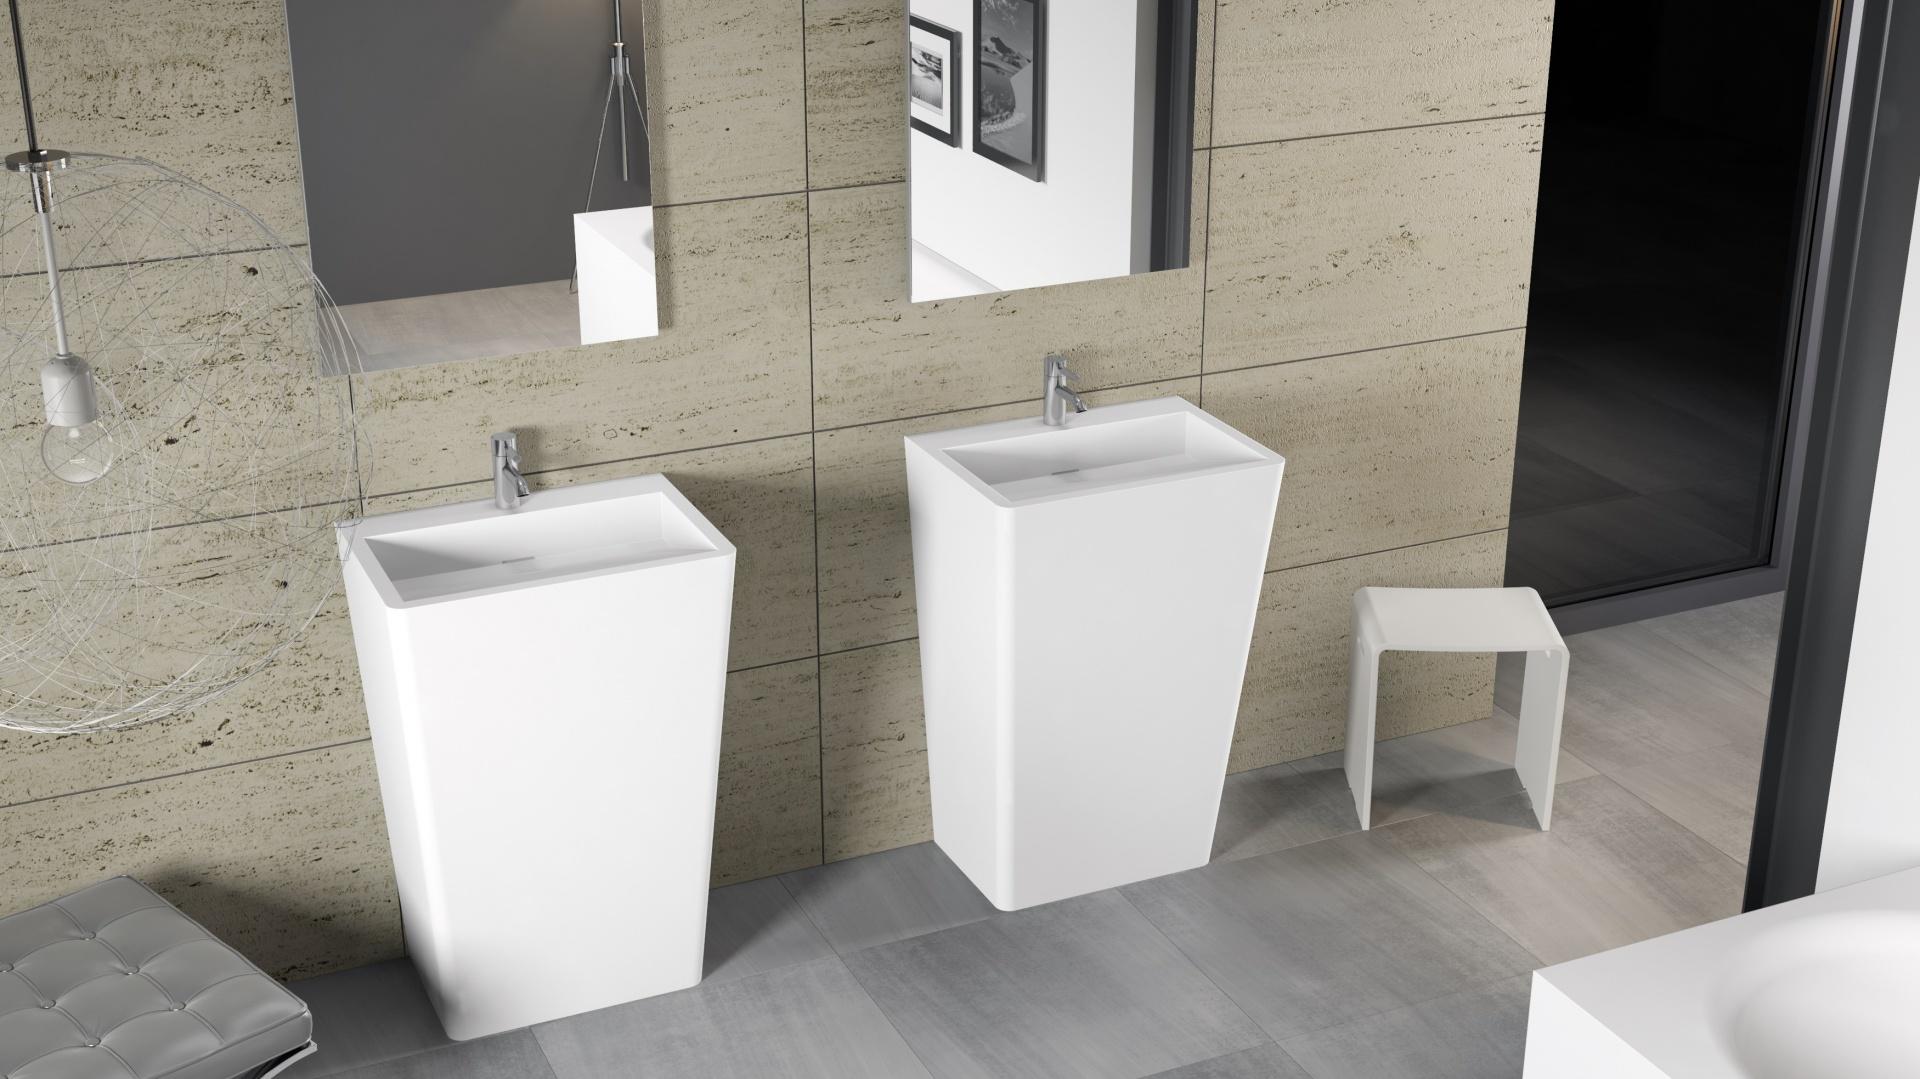 Umywalka wolnostojąca Dijon z serii Solid Surface marki Riho - jej prosty geometryczny kształt świetnie sprawdzi się w nowoczesnych wnętrzach. Fot. Riho.